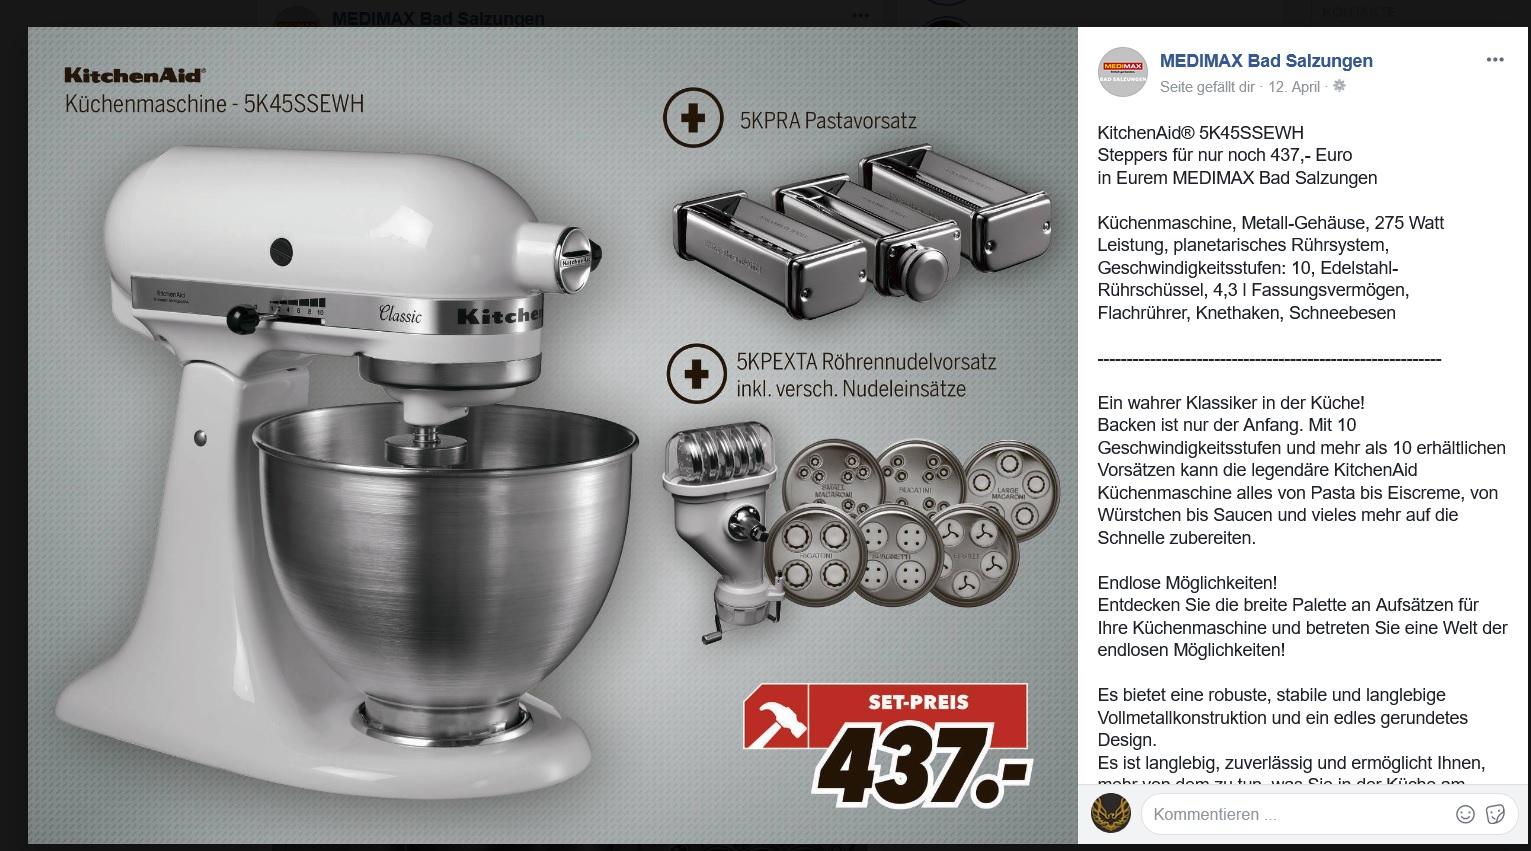 [LOKAL] MediMax Bad Salzungen - KitchenAid Classic + Pastavorsatz + Röhrennudelvorsatz